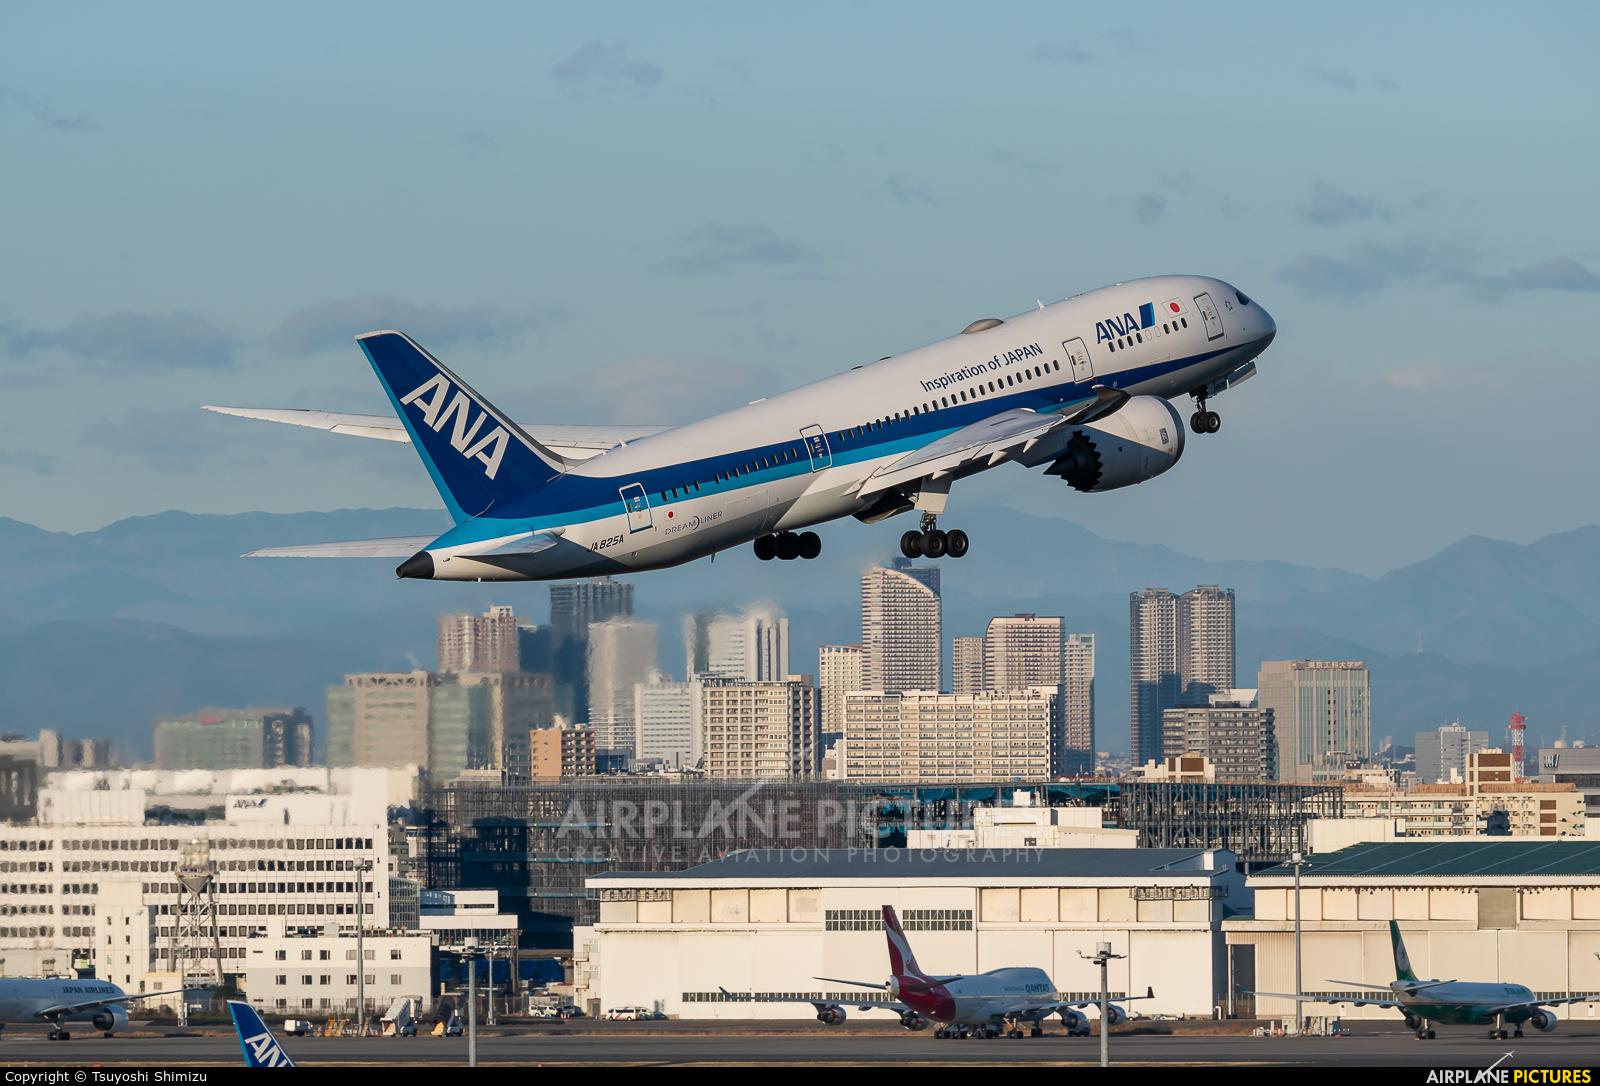 ANA - All Nippon Airways JA825A aircraft at Tokyo - Haneda Intl